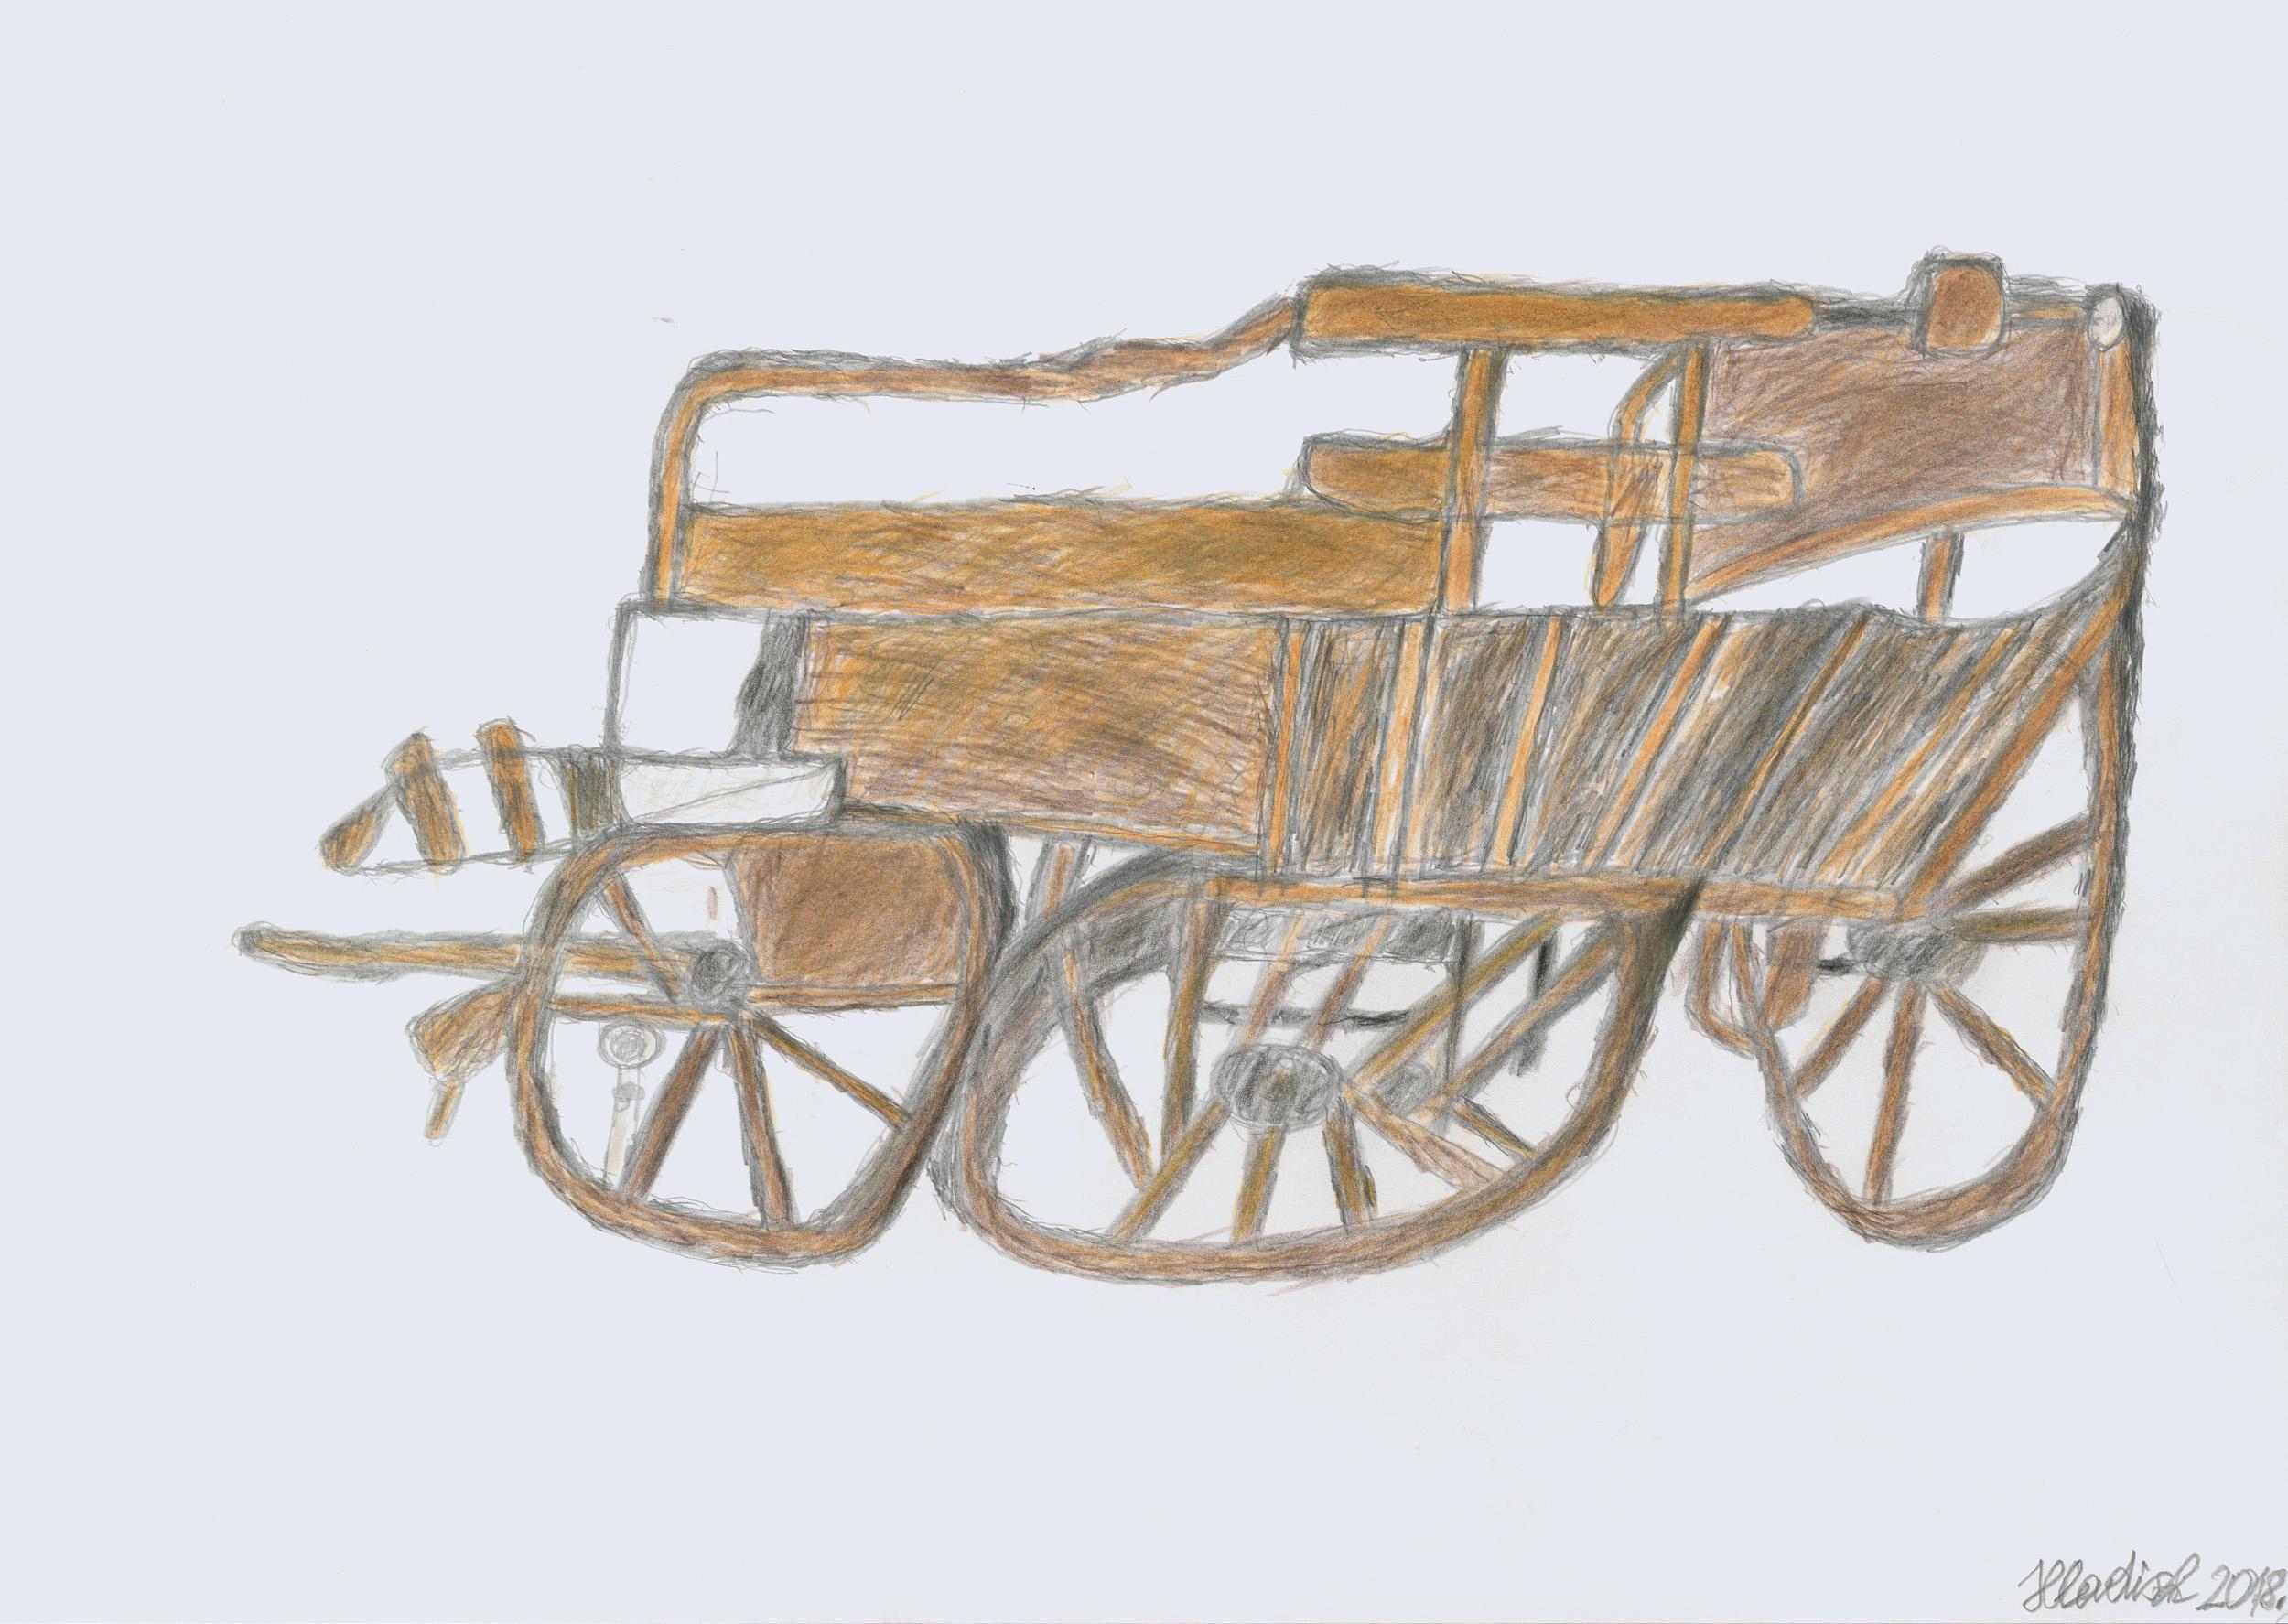 hladisch helmut - Leiterwagen / Hay cart